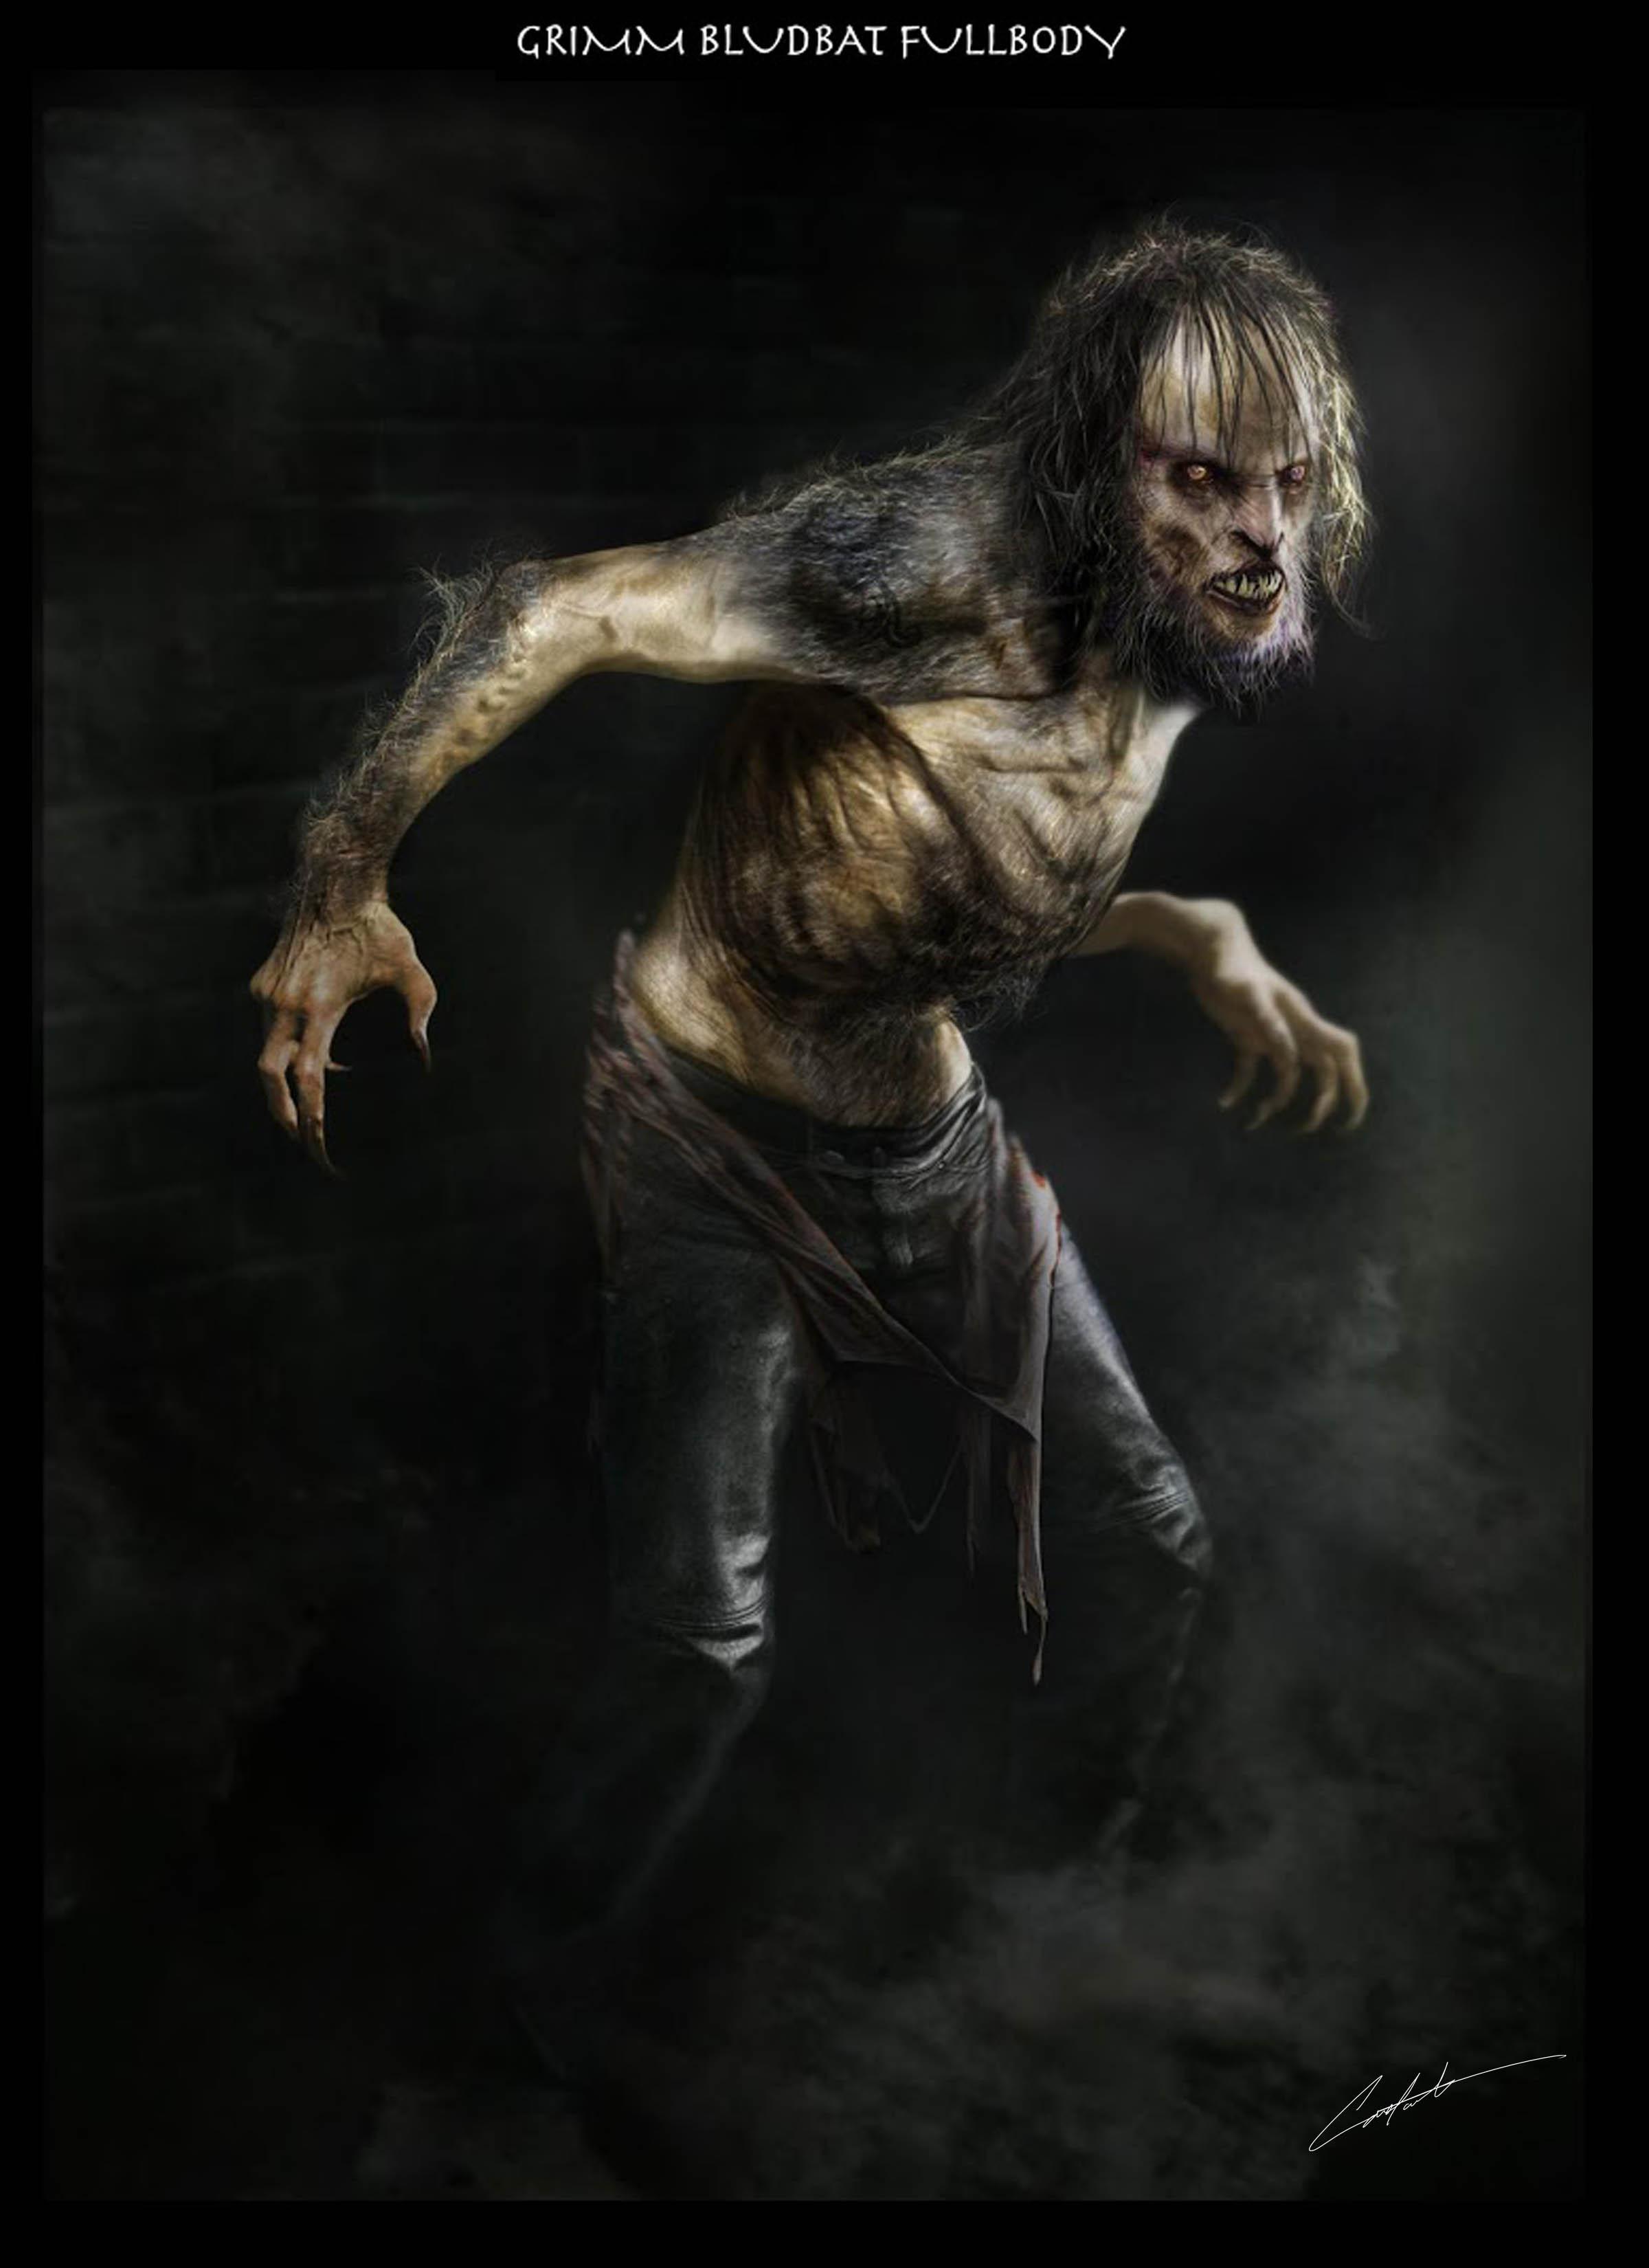 Grimm Bludbat werewolf